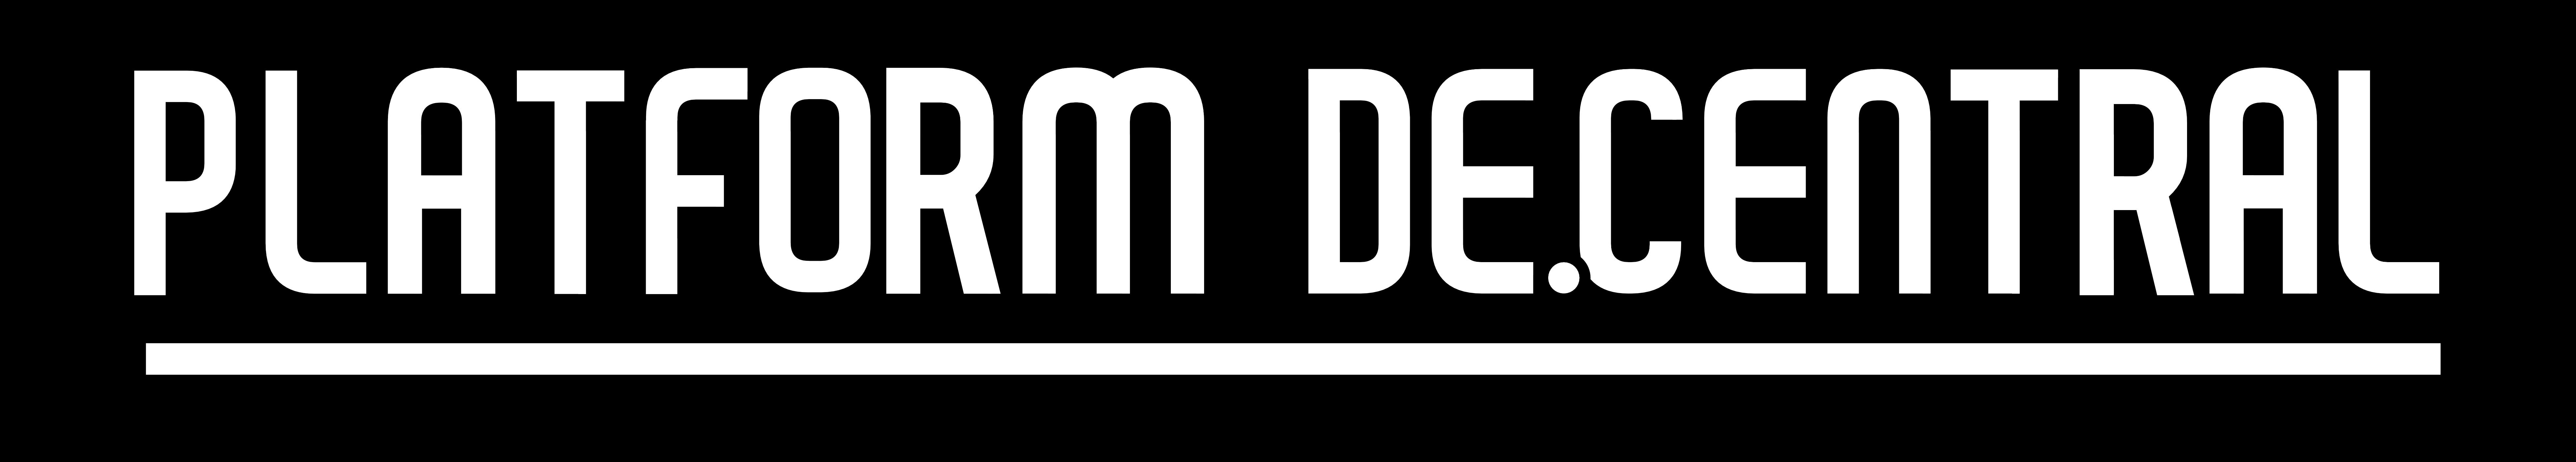 Website Logo Wide 9 long wht